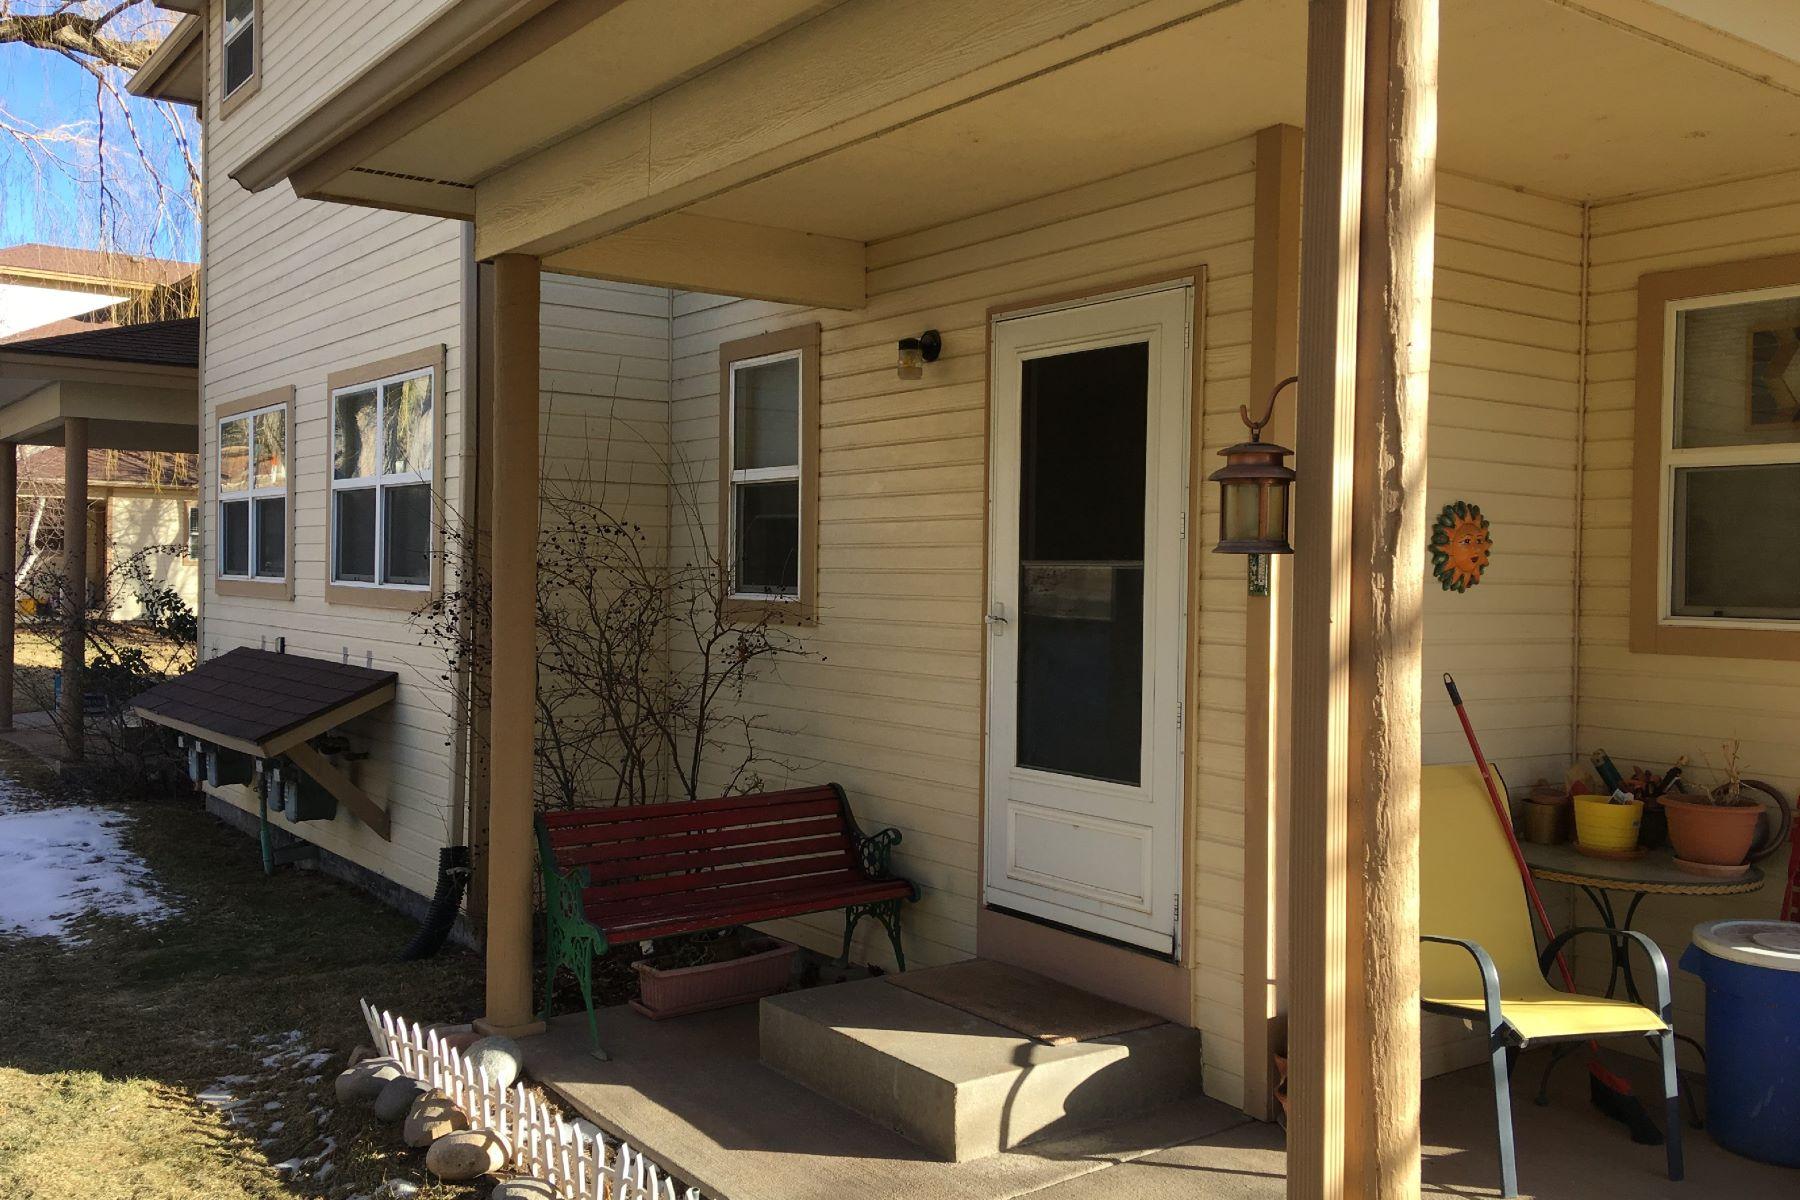 단독 가정 주택 용 매매 에 Apple Glen Townhome 824 Red Valley Drive, D, Glenwood Springs, 콜로라도, 81601 미국